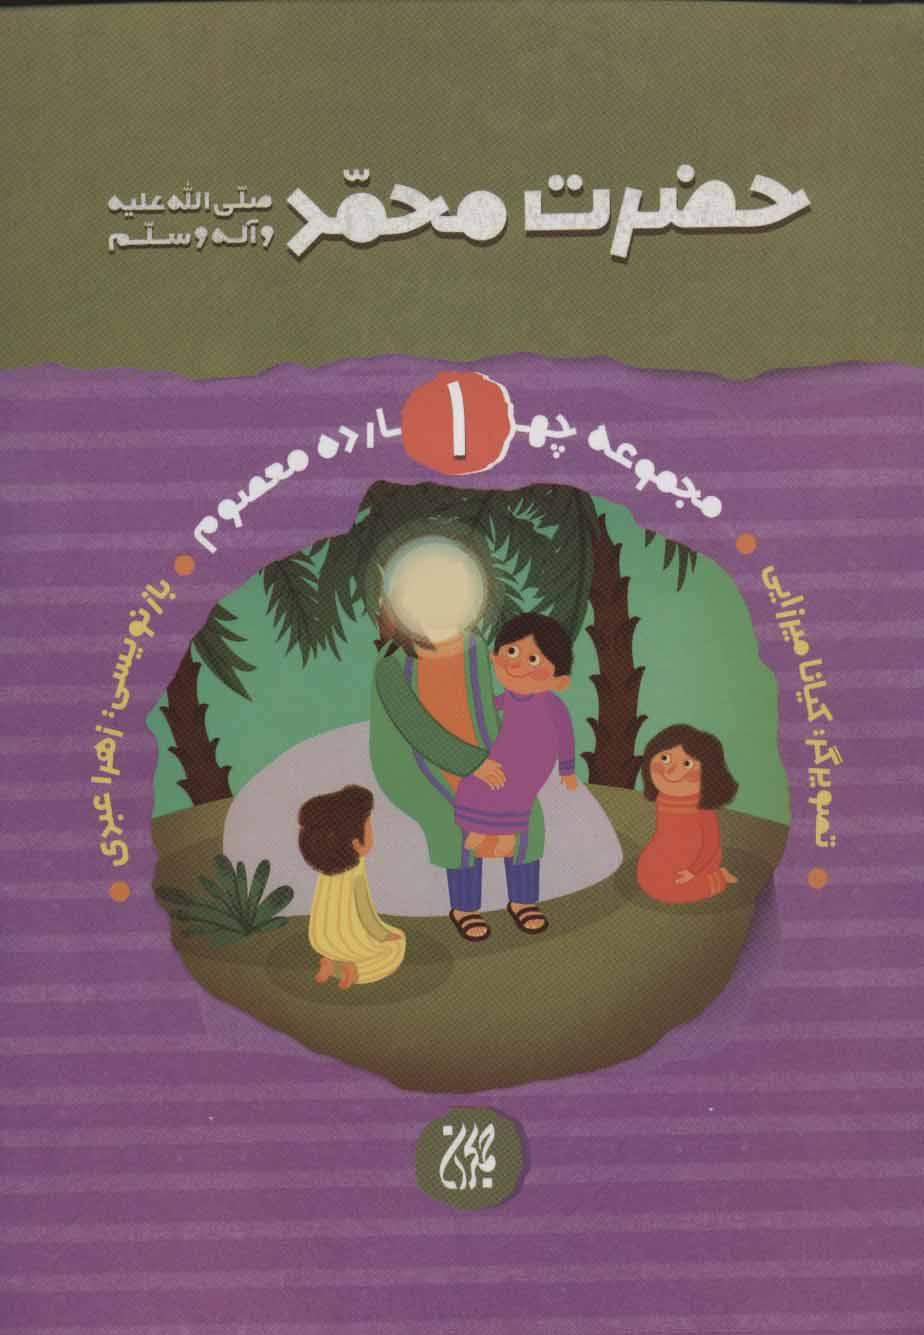 مجموعه چهارده معصوم 1 (حضرت محمد (ص))،(گلاسه)